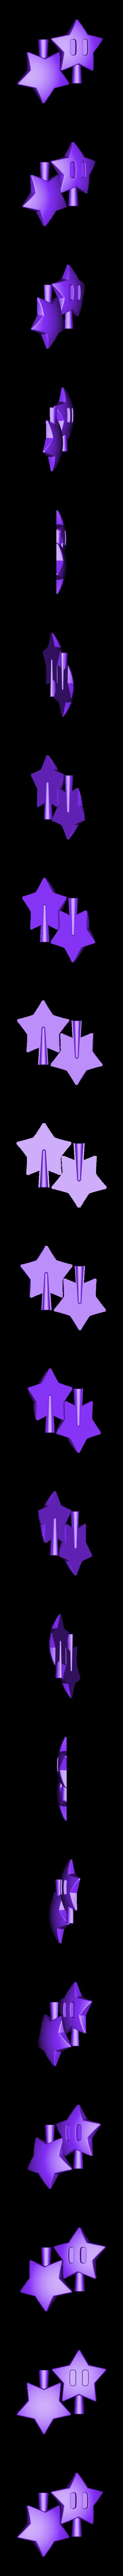 MarioStar-Split-Topper.stl Télécharger fichier STL gratuit Décorations Mario Star • Design pour impression 3D, tone001